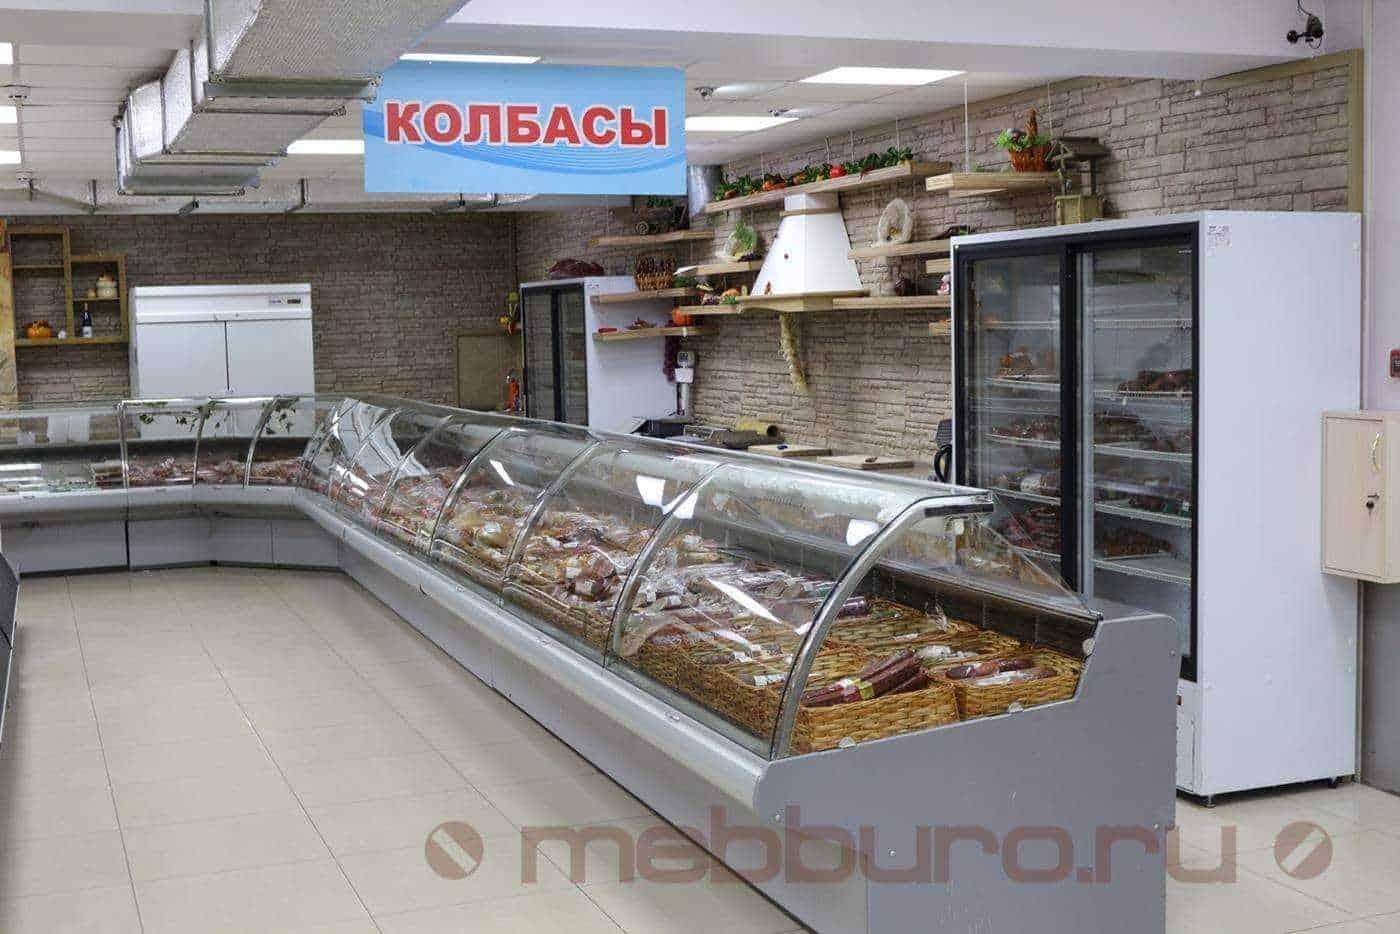 Тип оборудования: холодильная витрина.